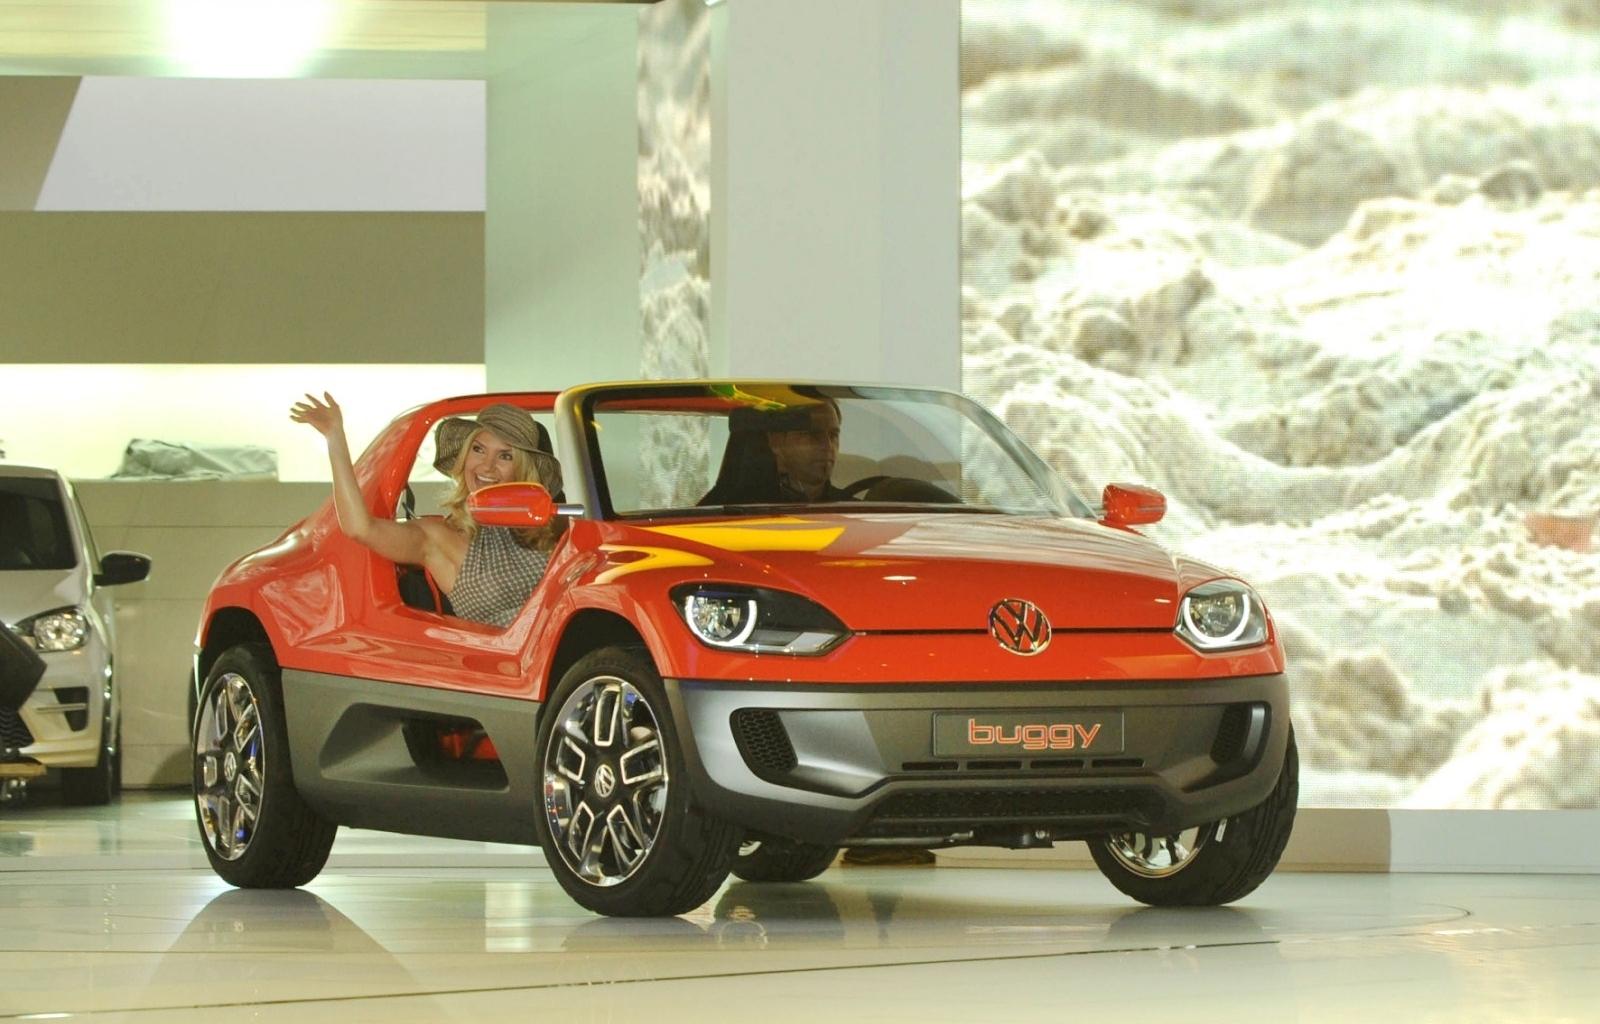 26736 скачать обои Транспорт, Машины, Люди, Фольксваген (Volkswagen) - заставки и картинки бесплатно